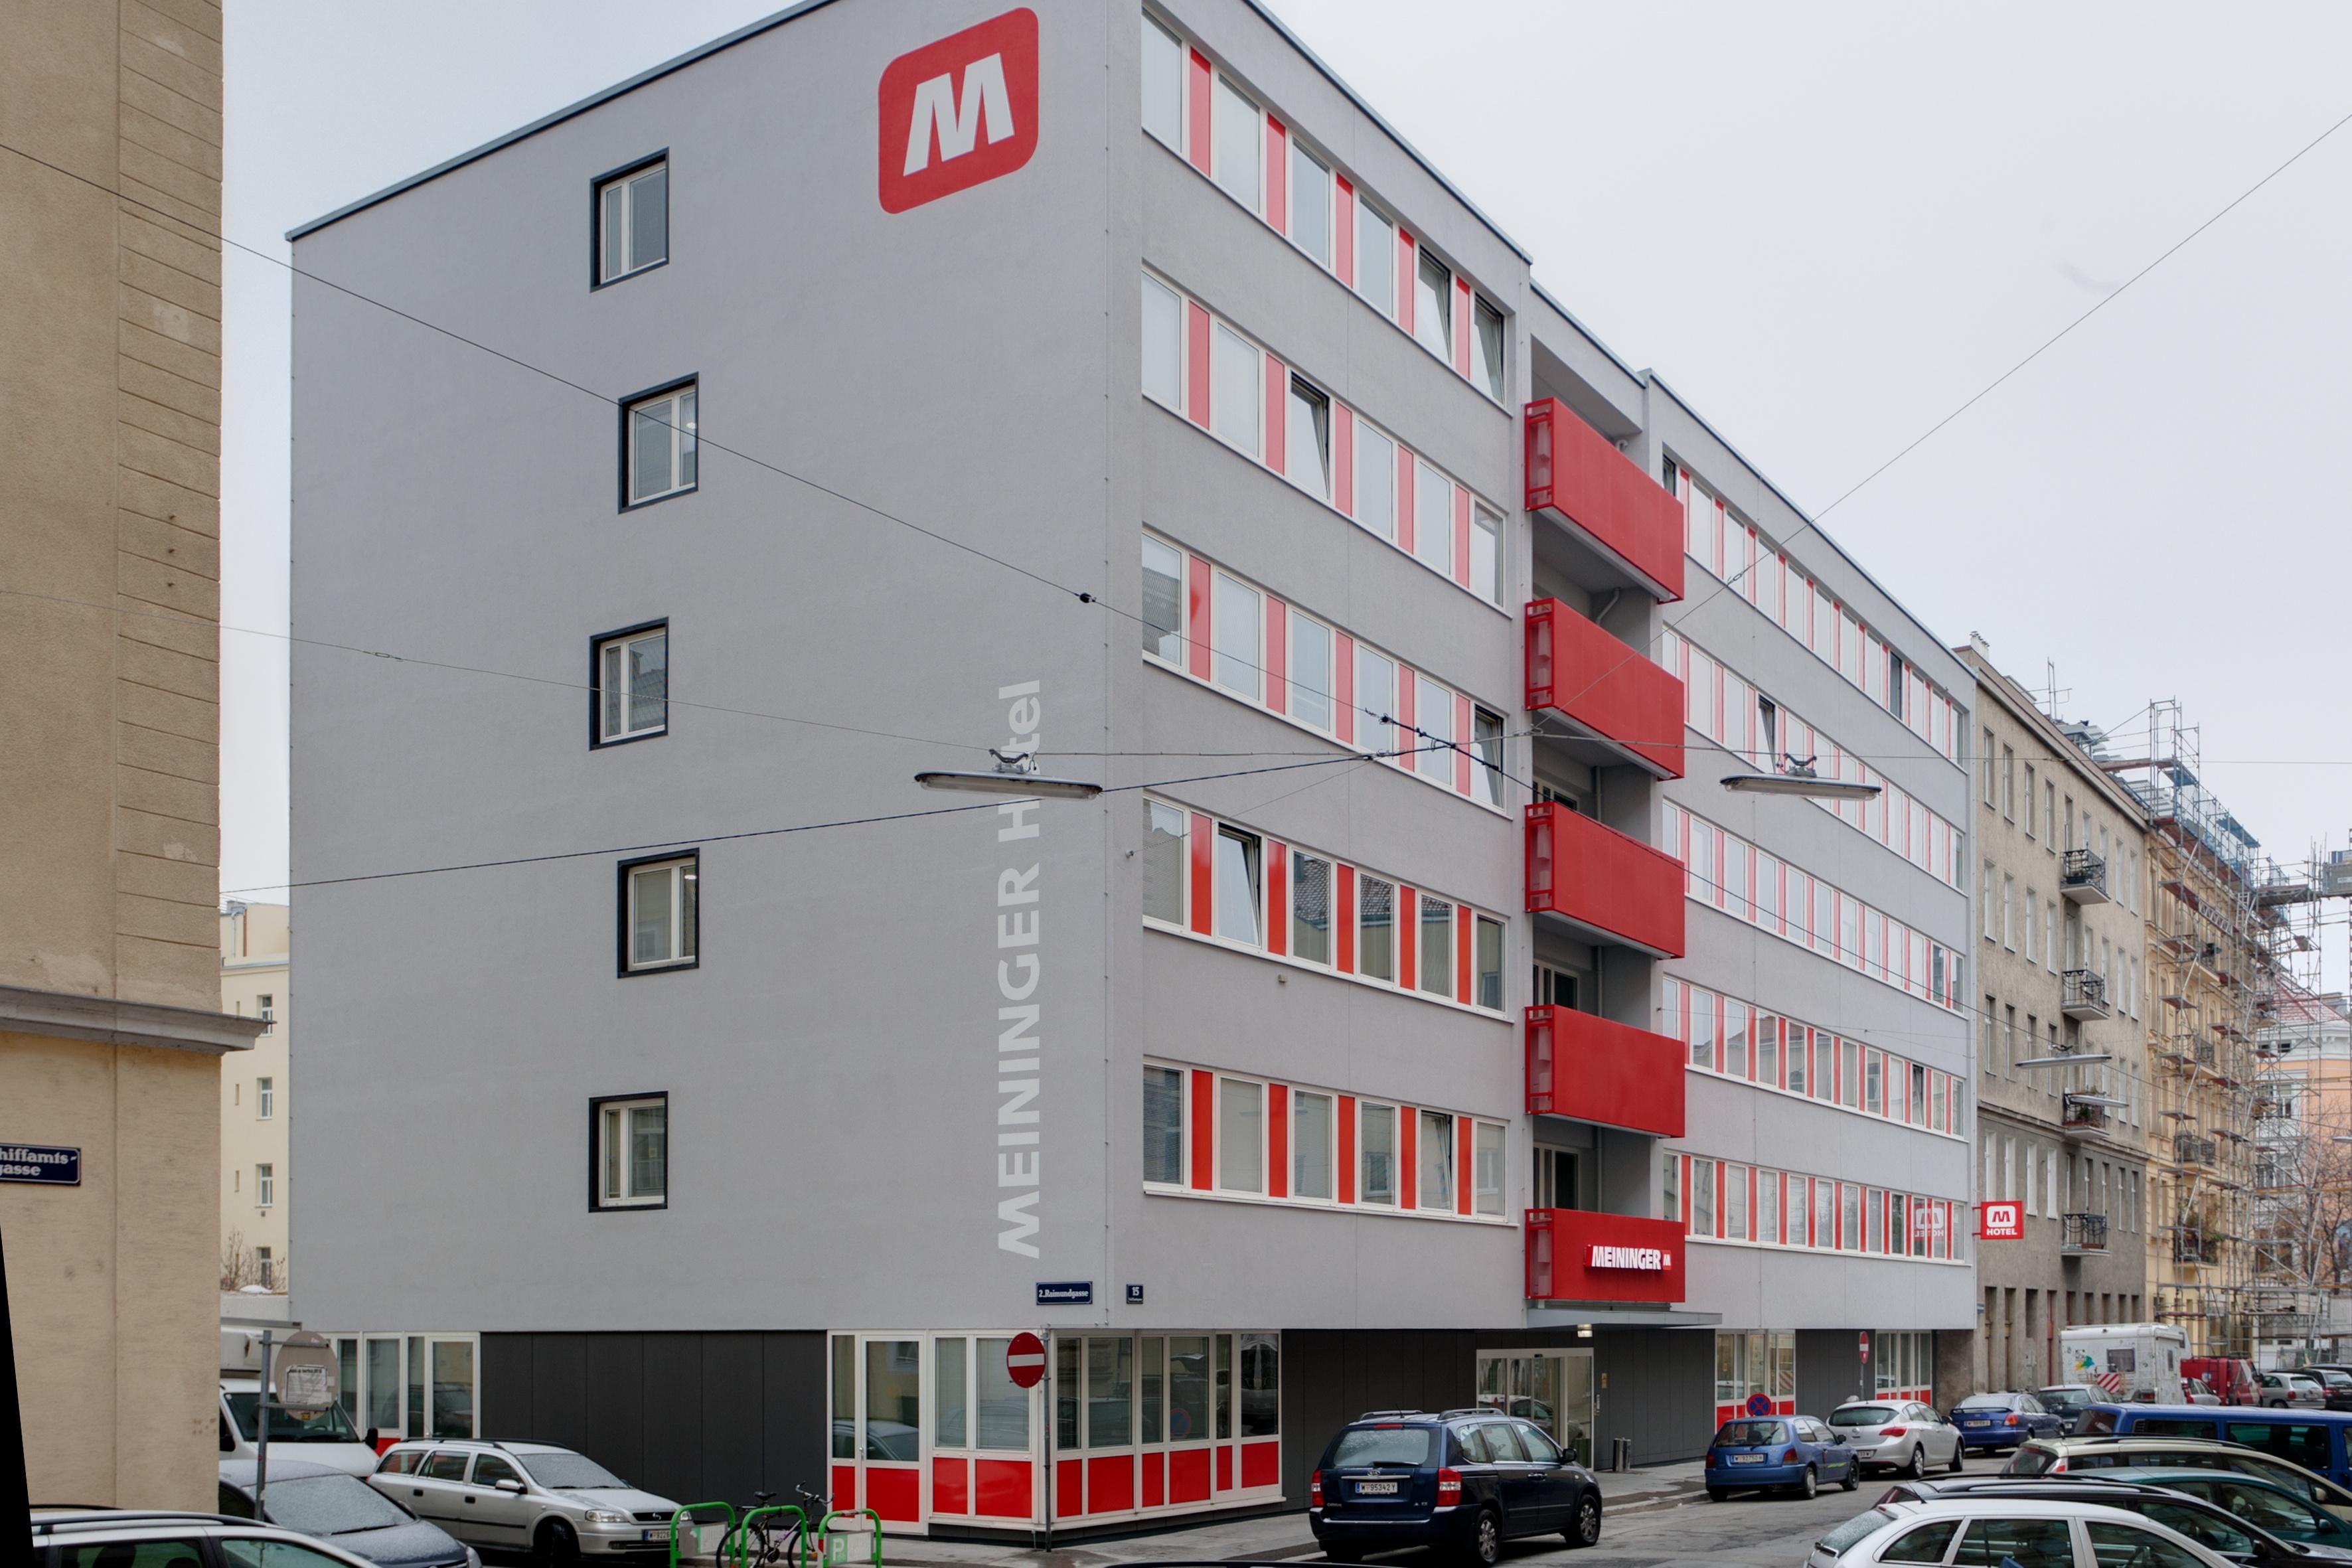 Hotel Meininger Wien Sissi